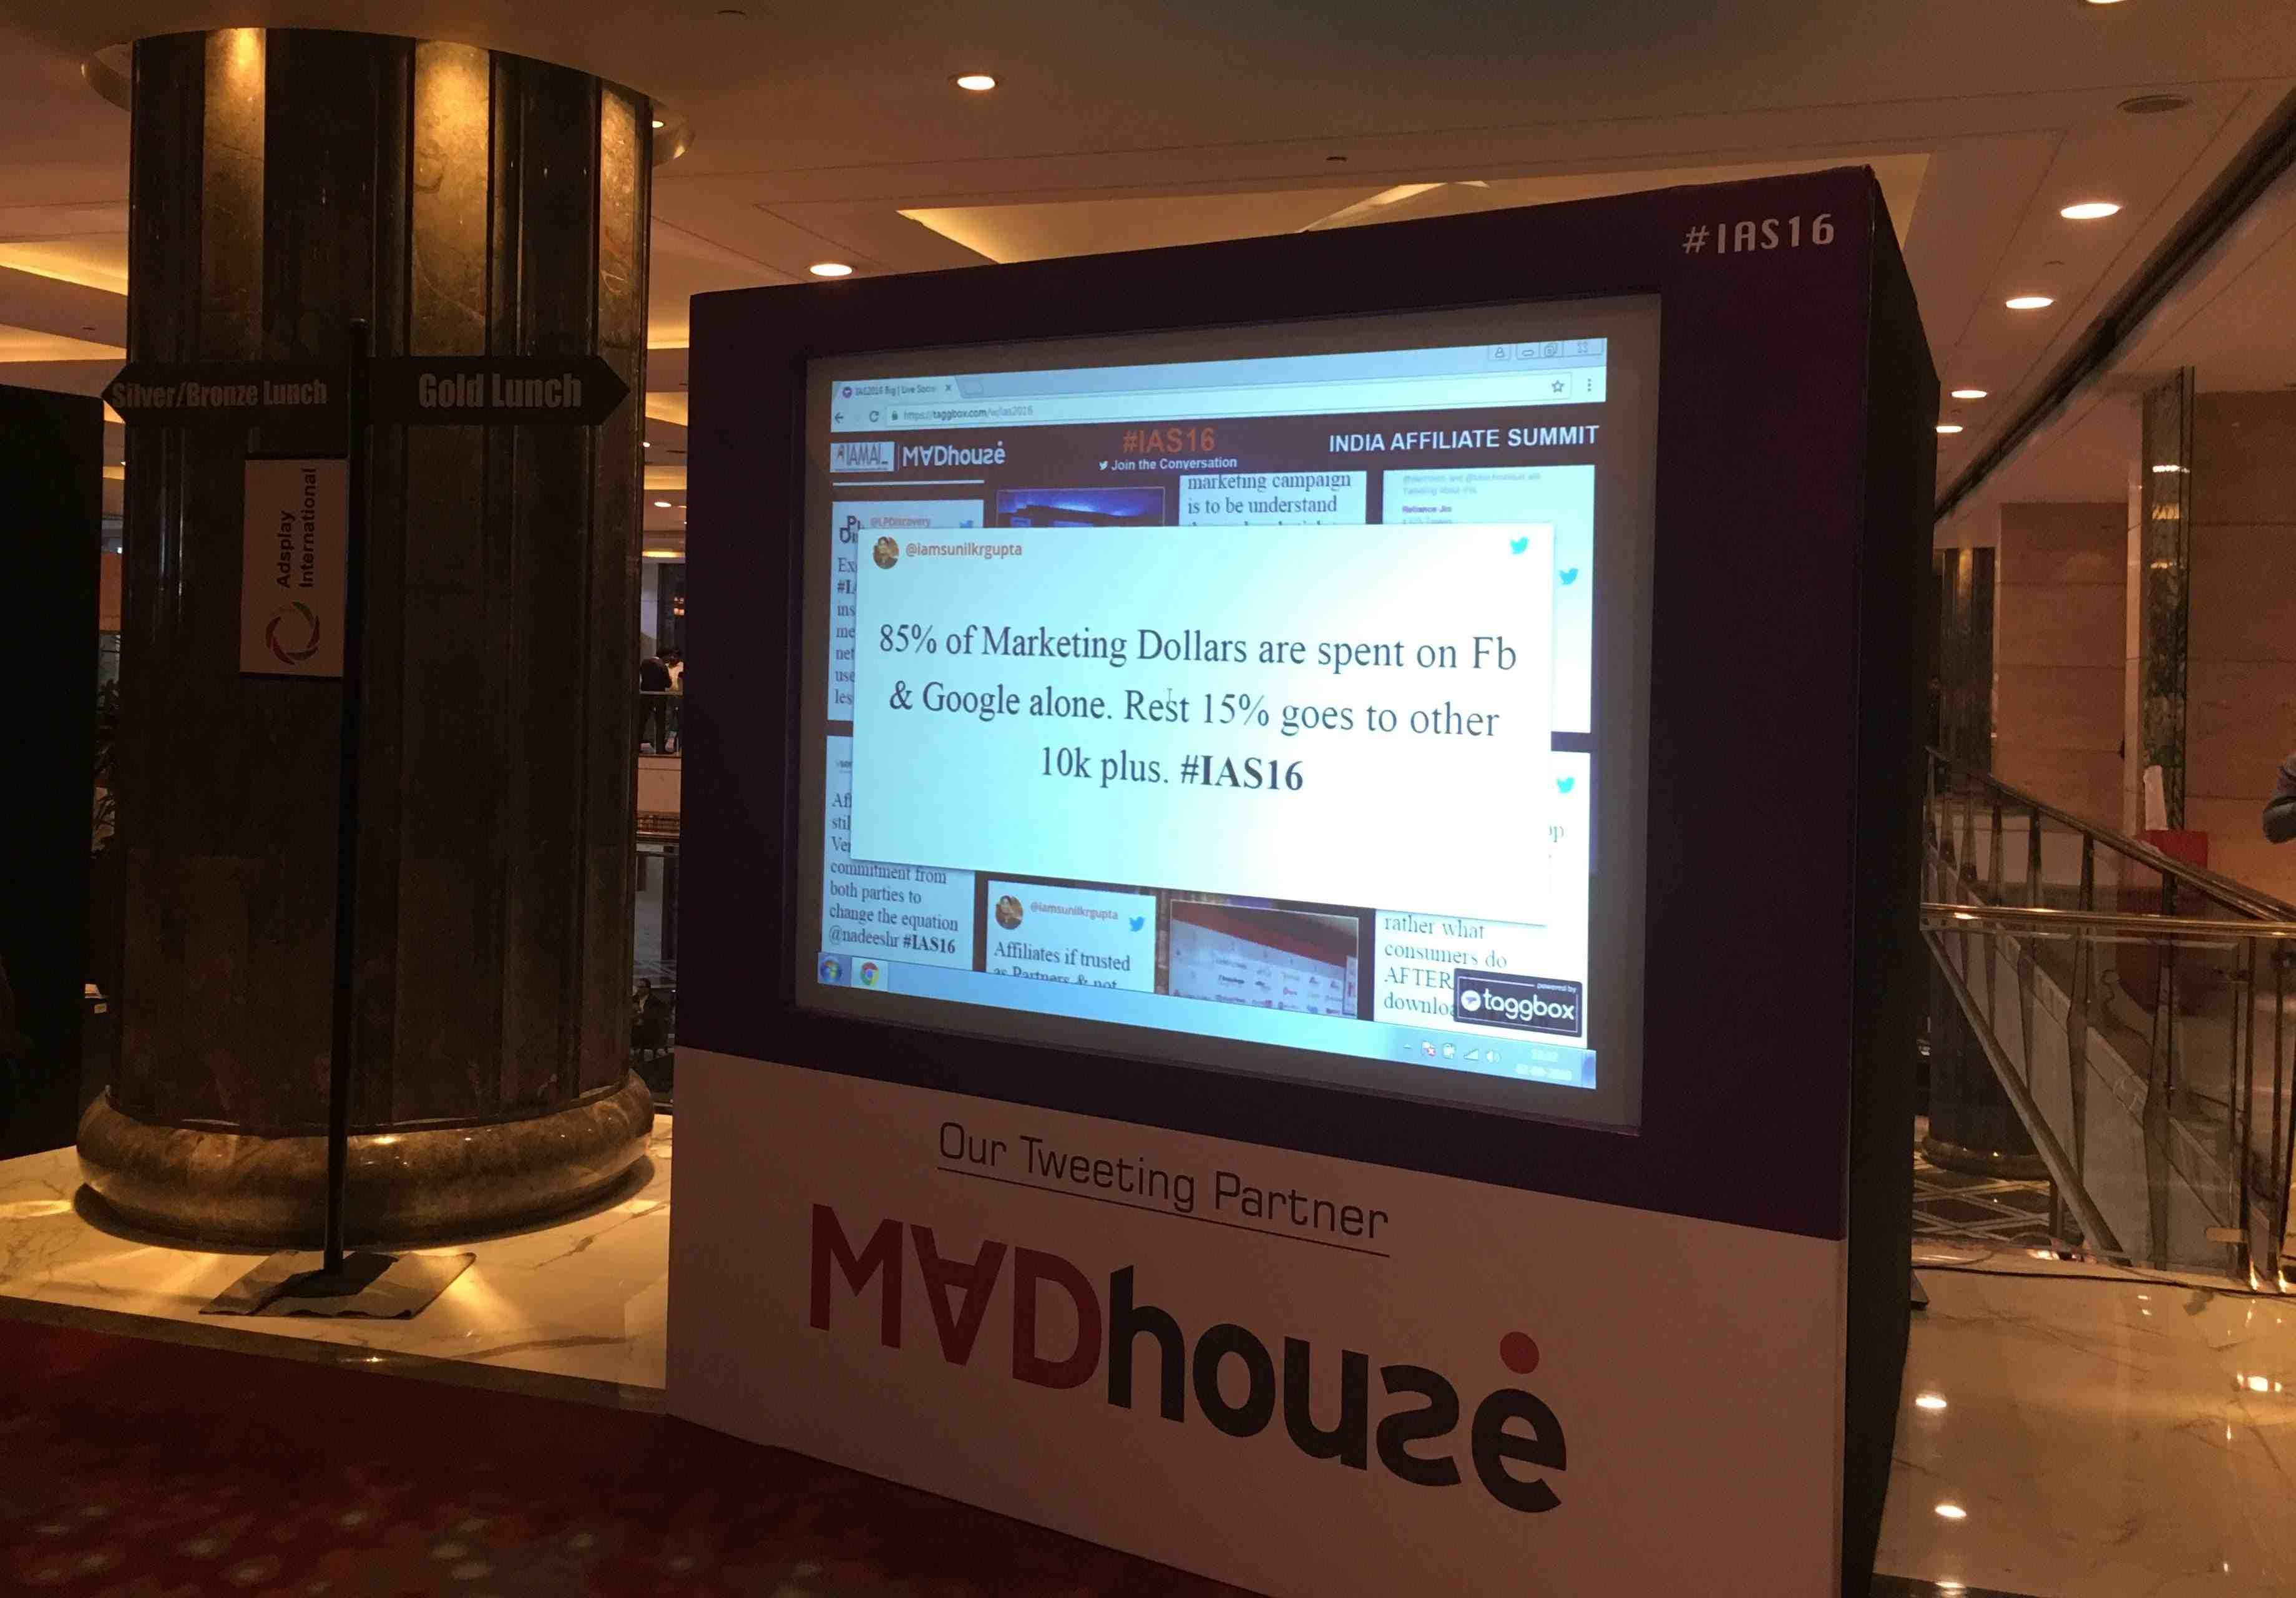 conference Digital Signage